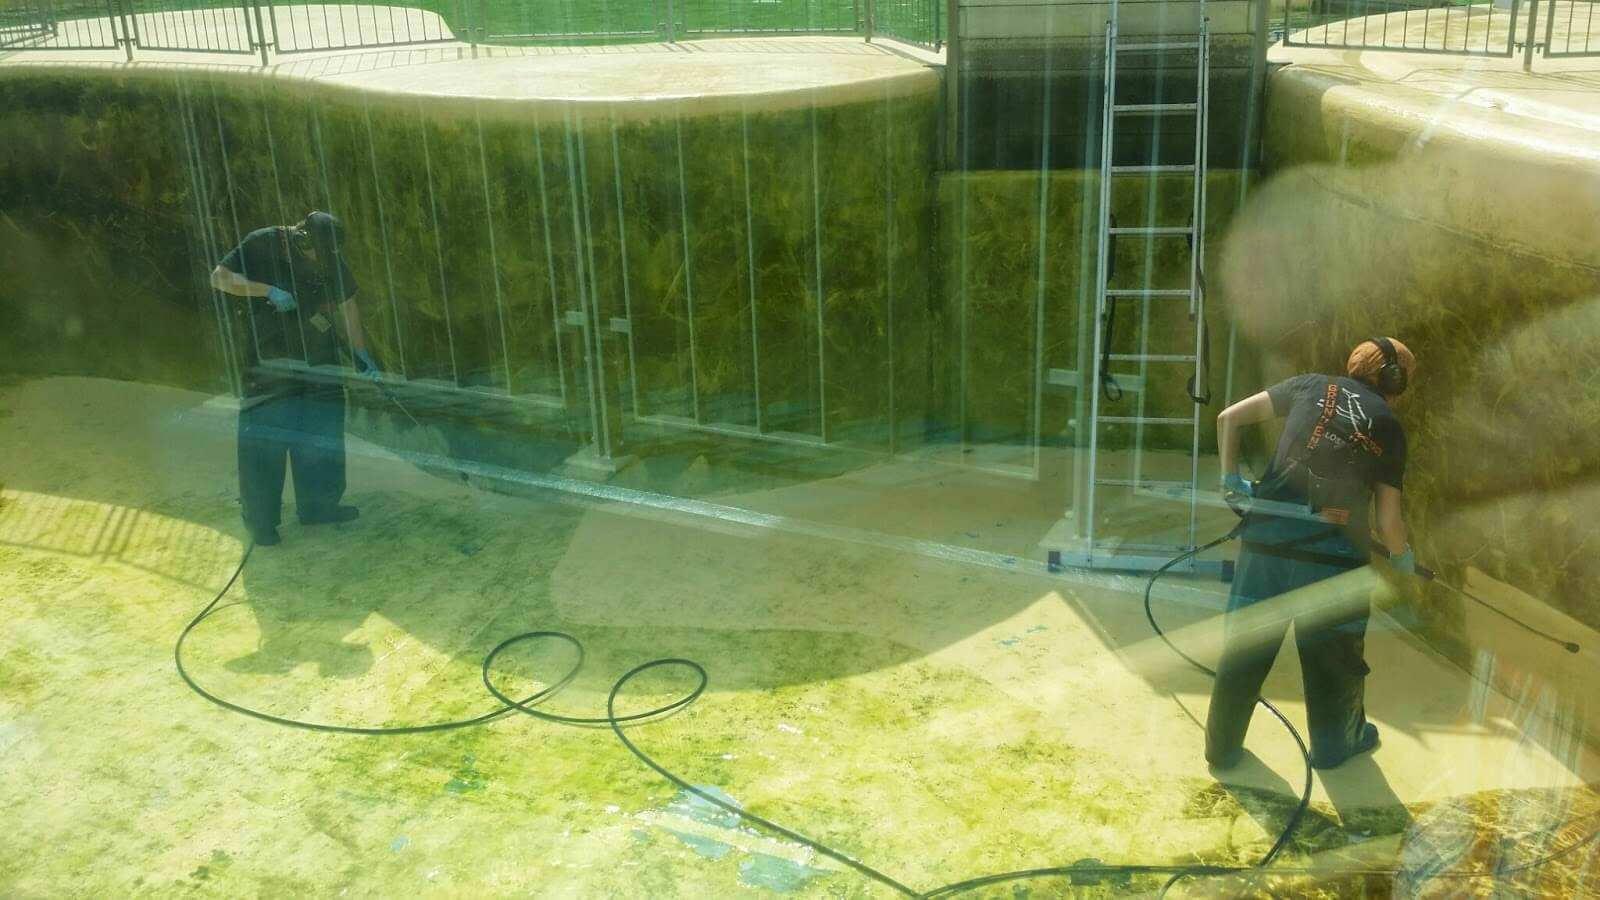 Reinigung des Beckens